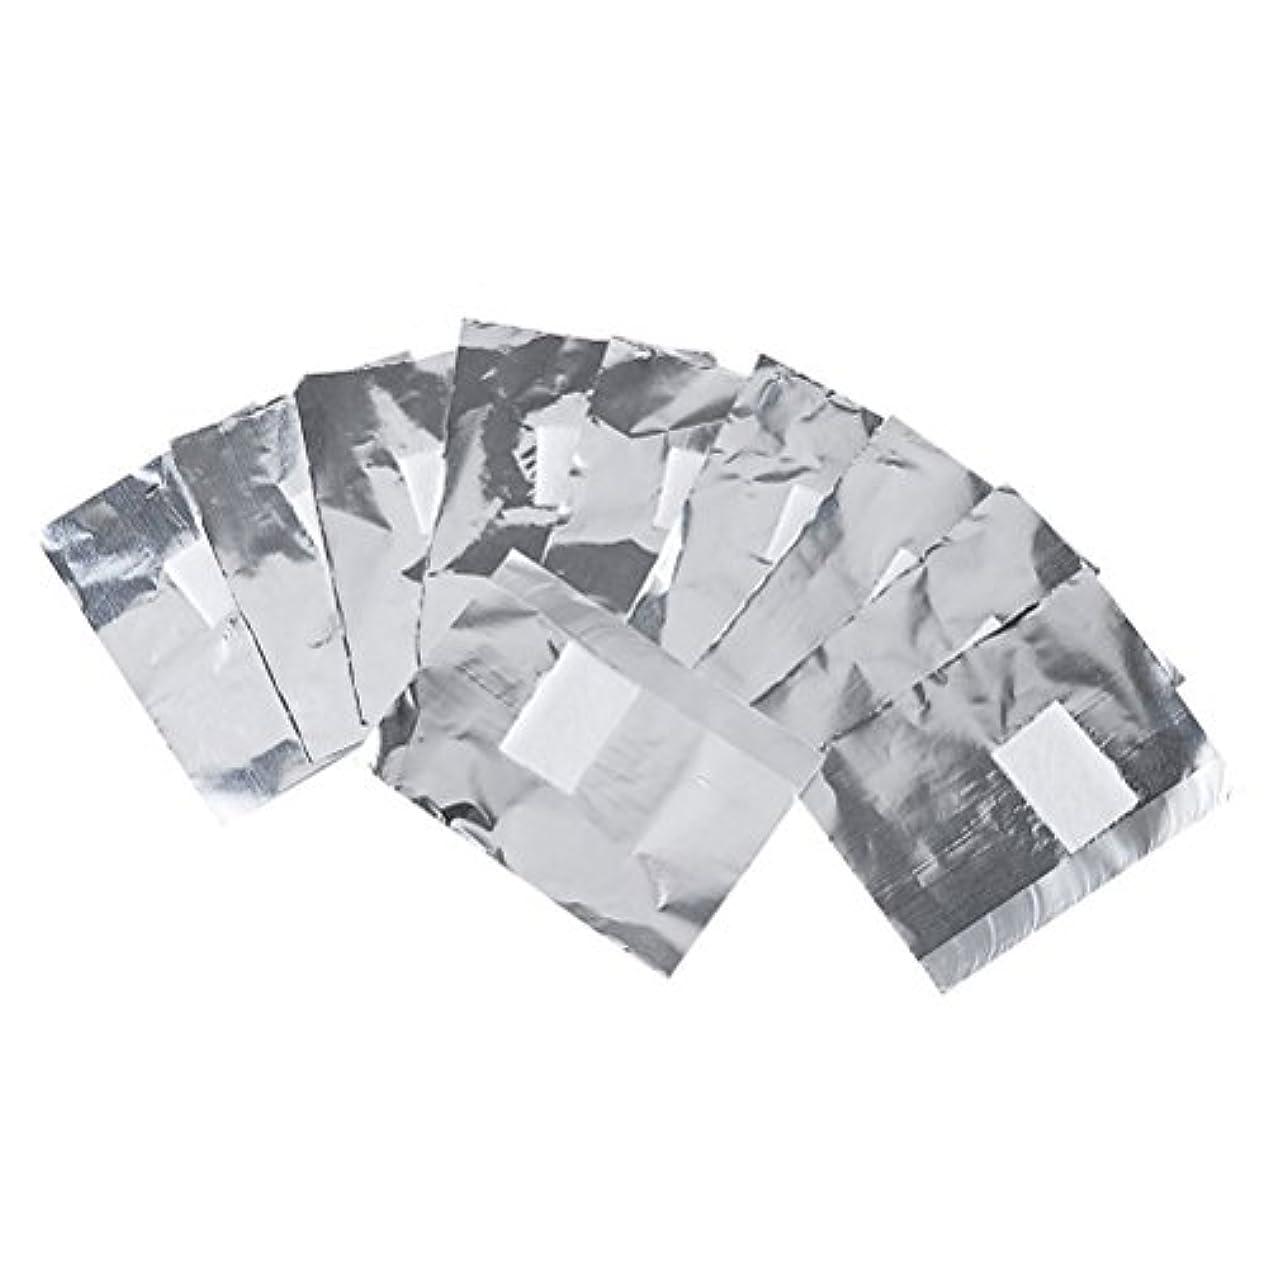 マリン足枷異邦人Frcolor ネイルオフ ジェルオフリムーバー アクリルUVジェル ネイルポリッシュをきれいにオフする ジェル 使い捨て コットン付きアルミホイル ネイル用品 キューティクル 200枚